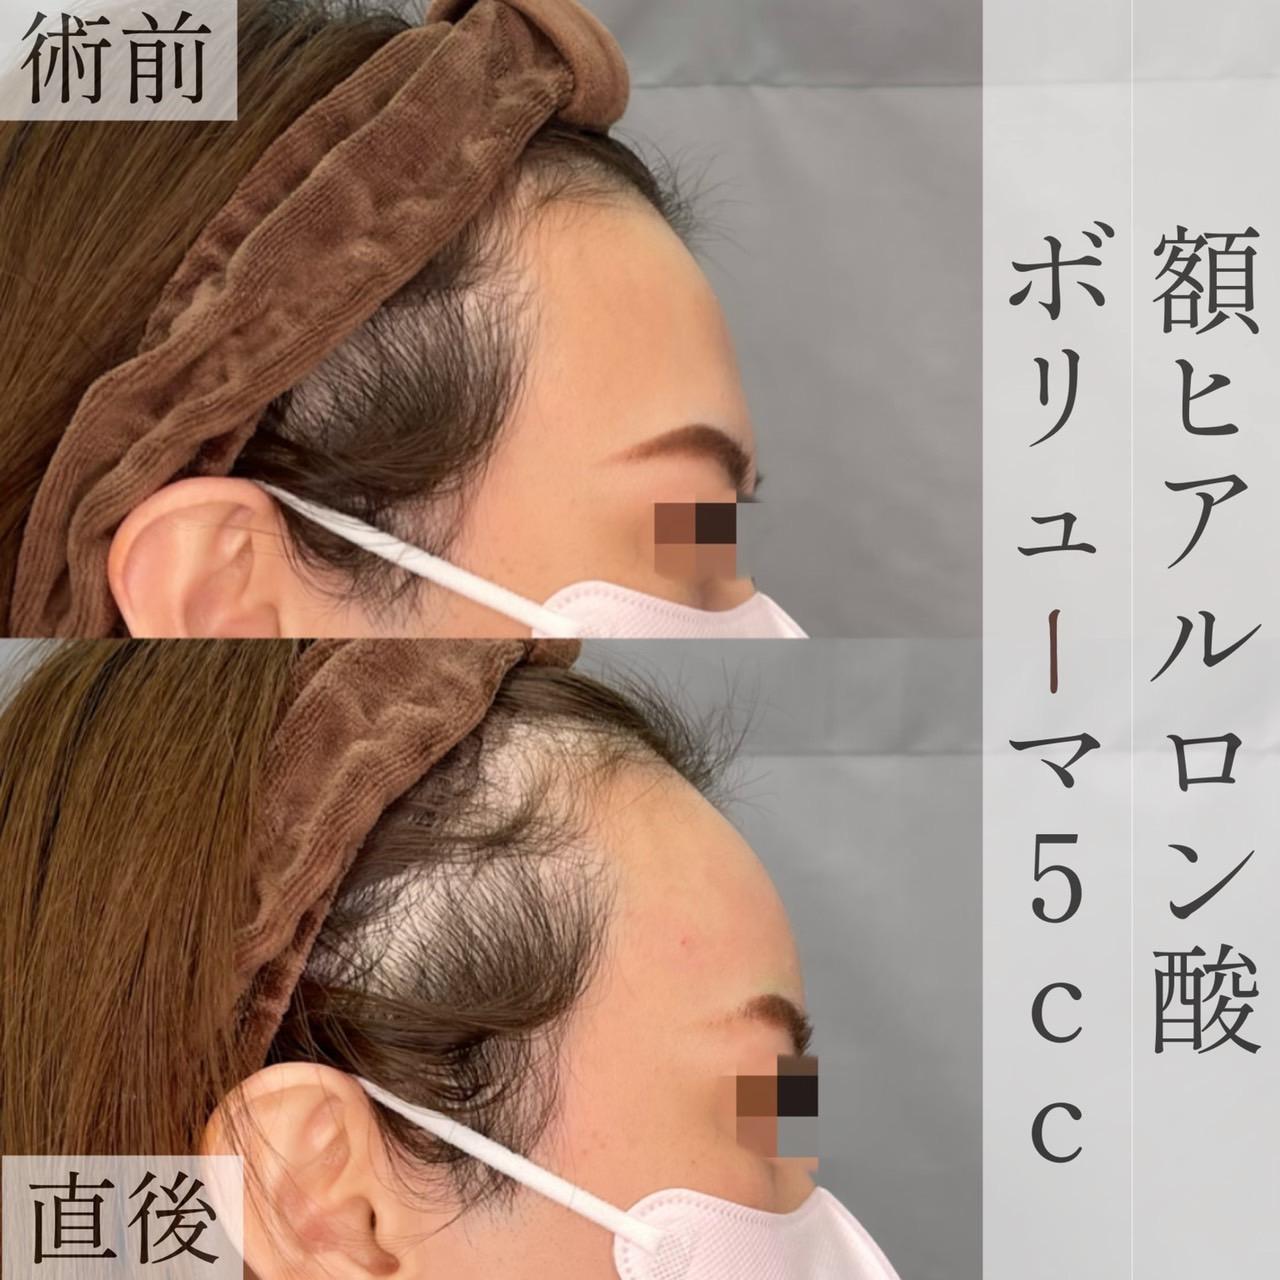 額ヒアルロン酸注入の画像